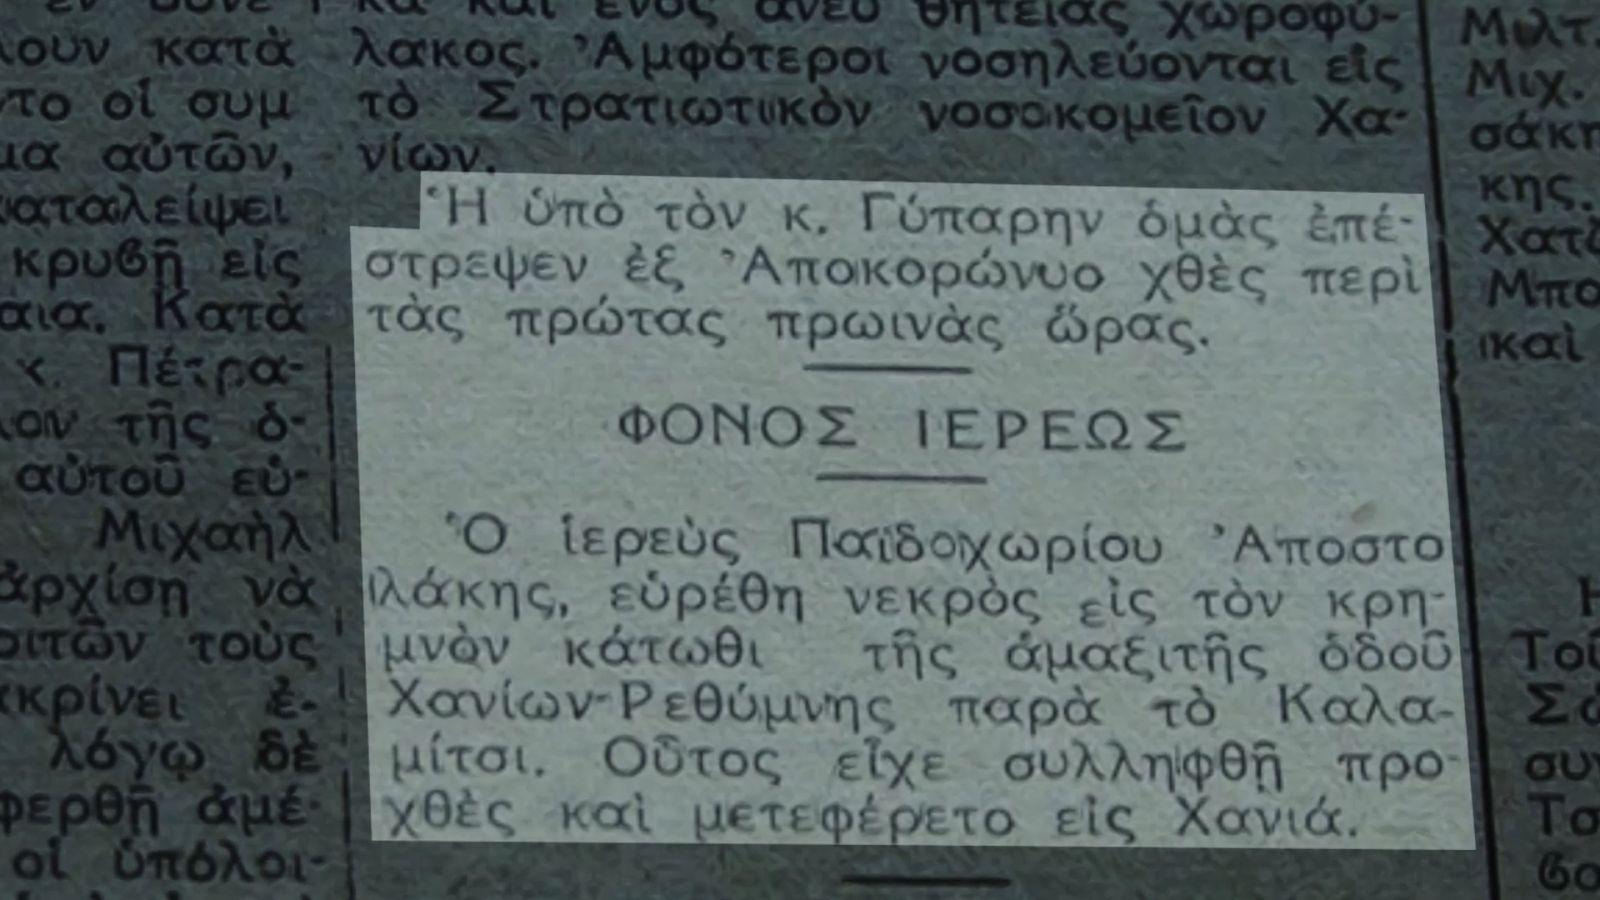 FYLLO EFHMERIDAS KYRHKAS THS 3-8-1947